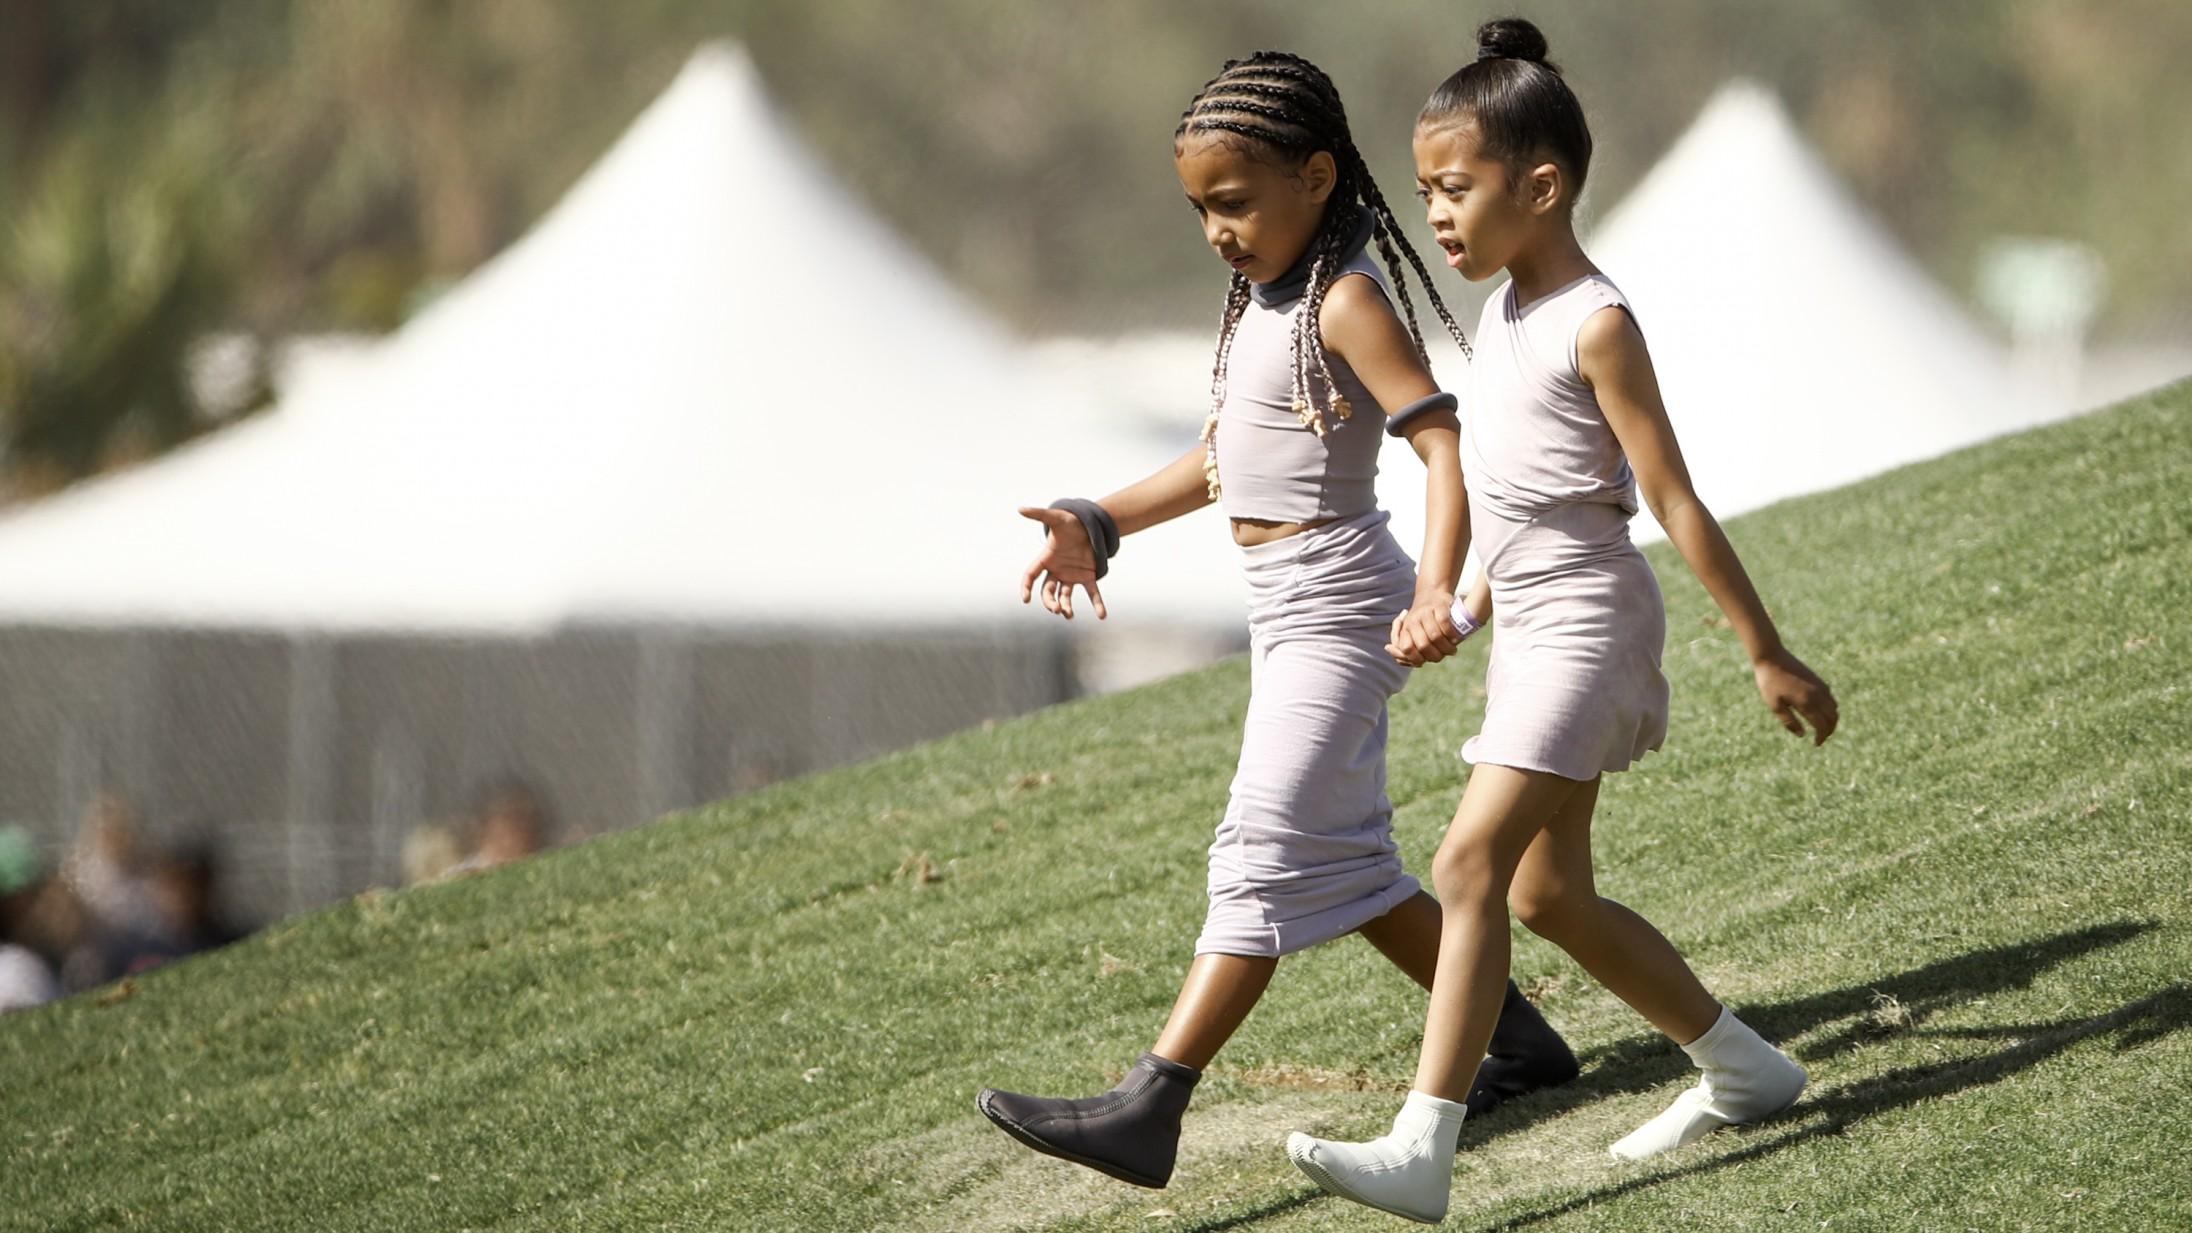 Det startede med Kanyes syrede sko, men nu ligner det en decideret sneaker-tendens